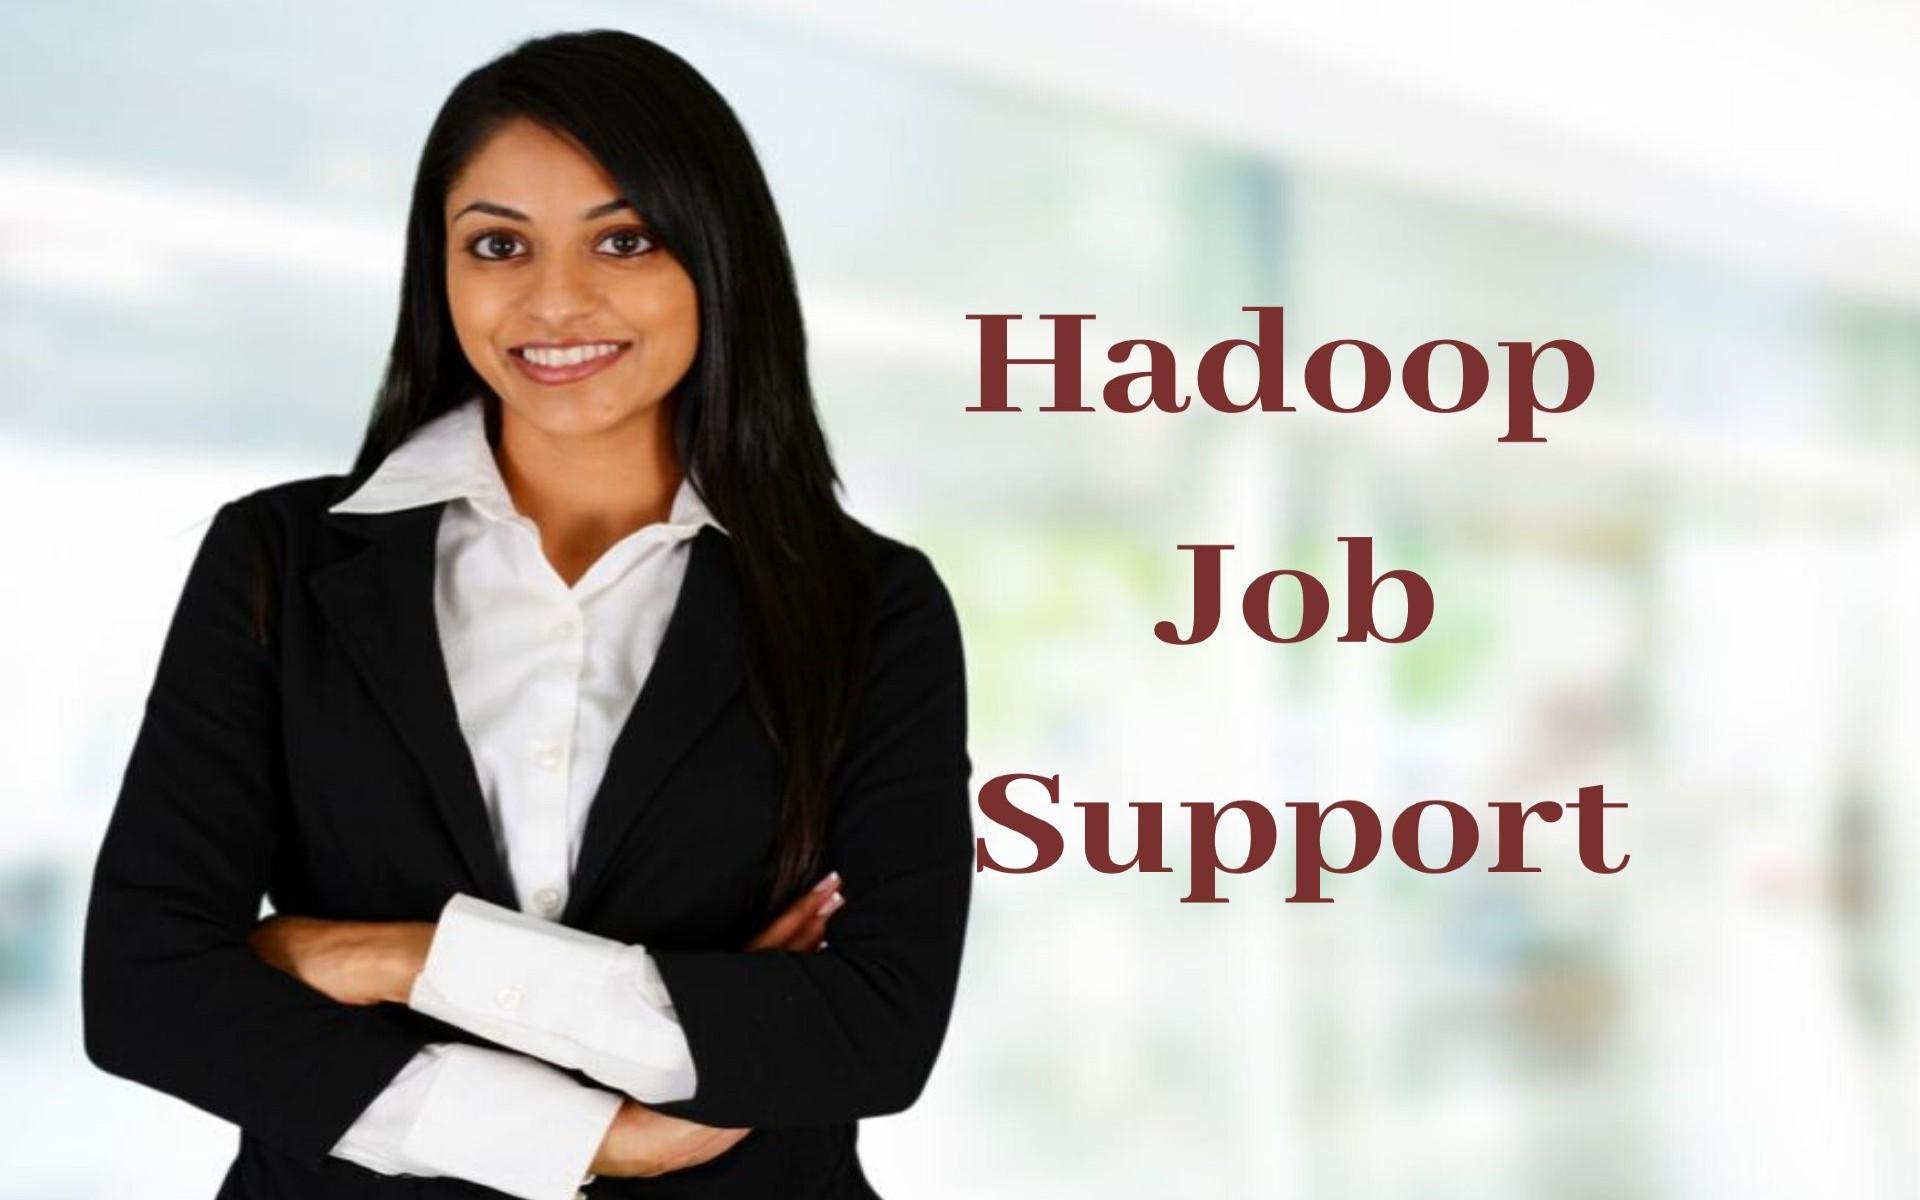 Hadoop Job Support